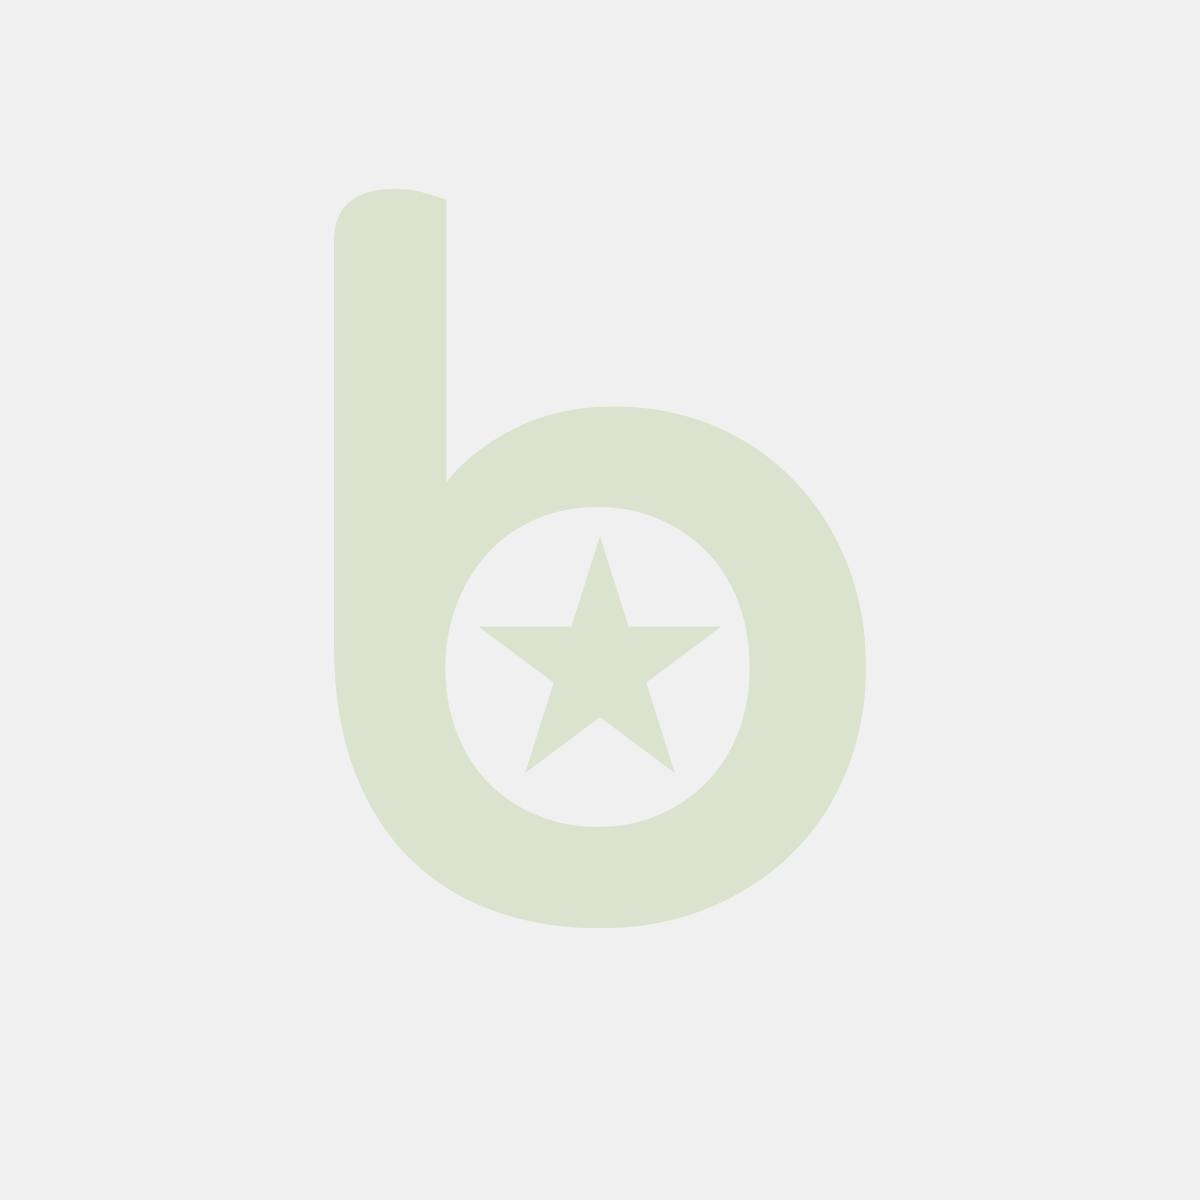 Pokrywka Do Gn Kitchen Line - Z Wycięciem Na Chochlę Gn 1/9